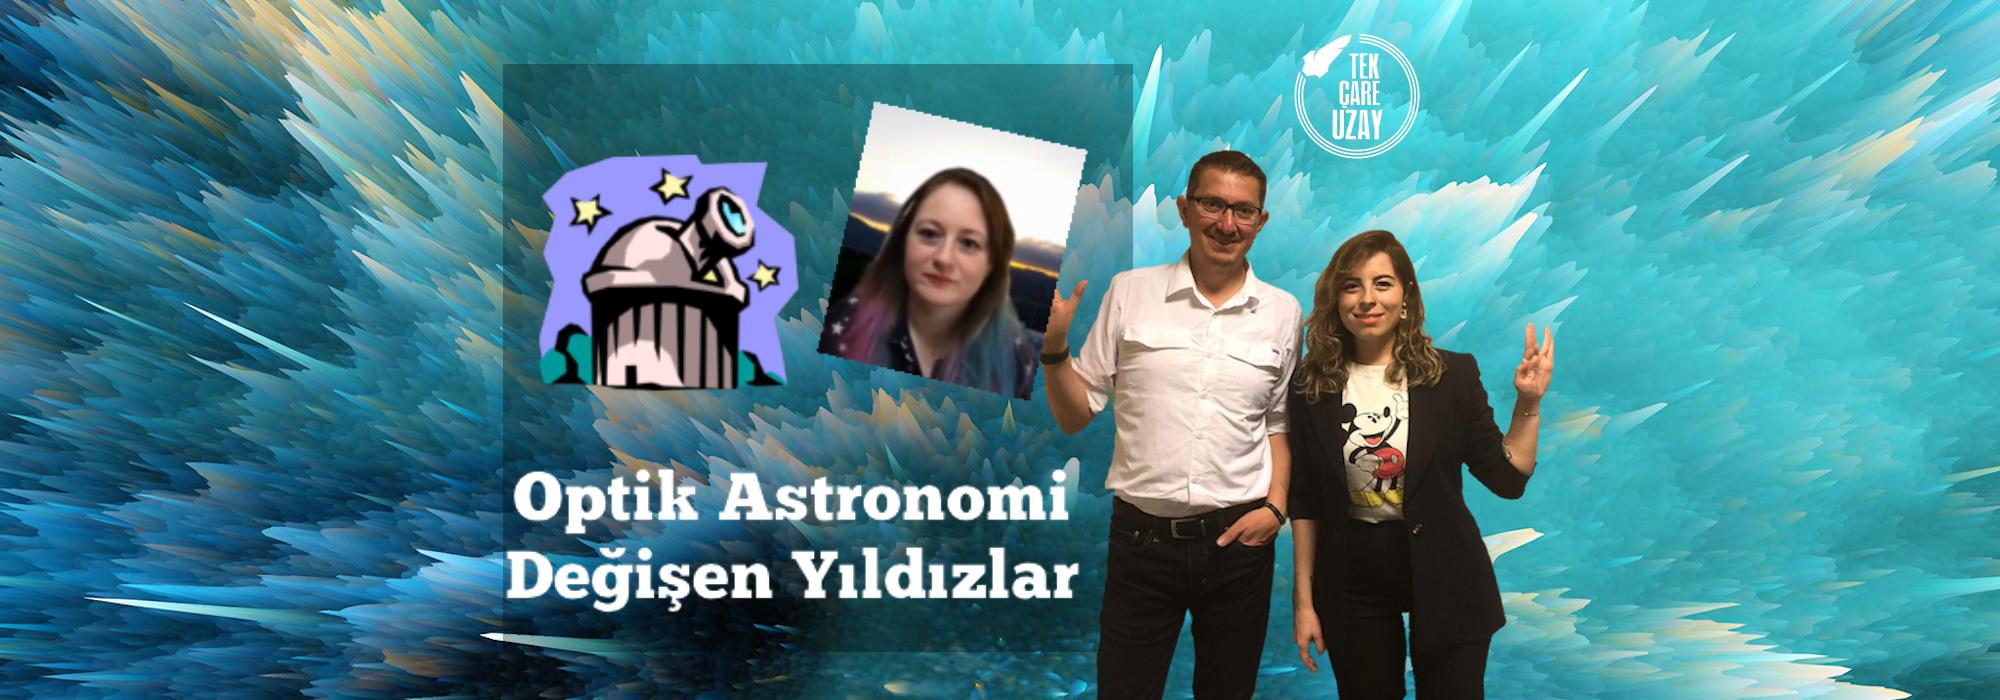 Tek Çare Uzay | Değişen Yıldızlar, Türkiye'de Optik Astronomi, Konuk: Dr Tugca Sener